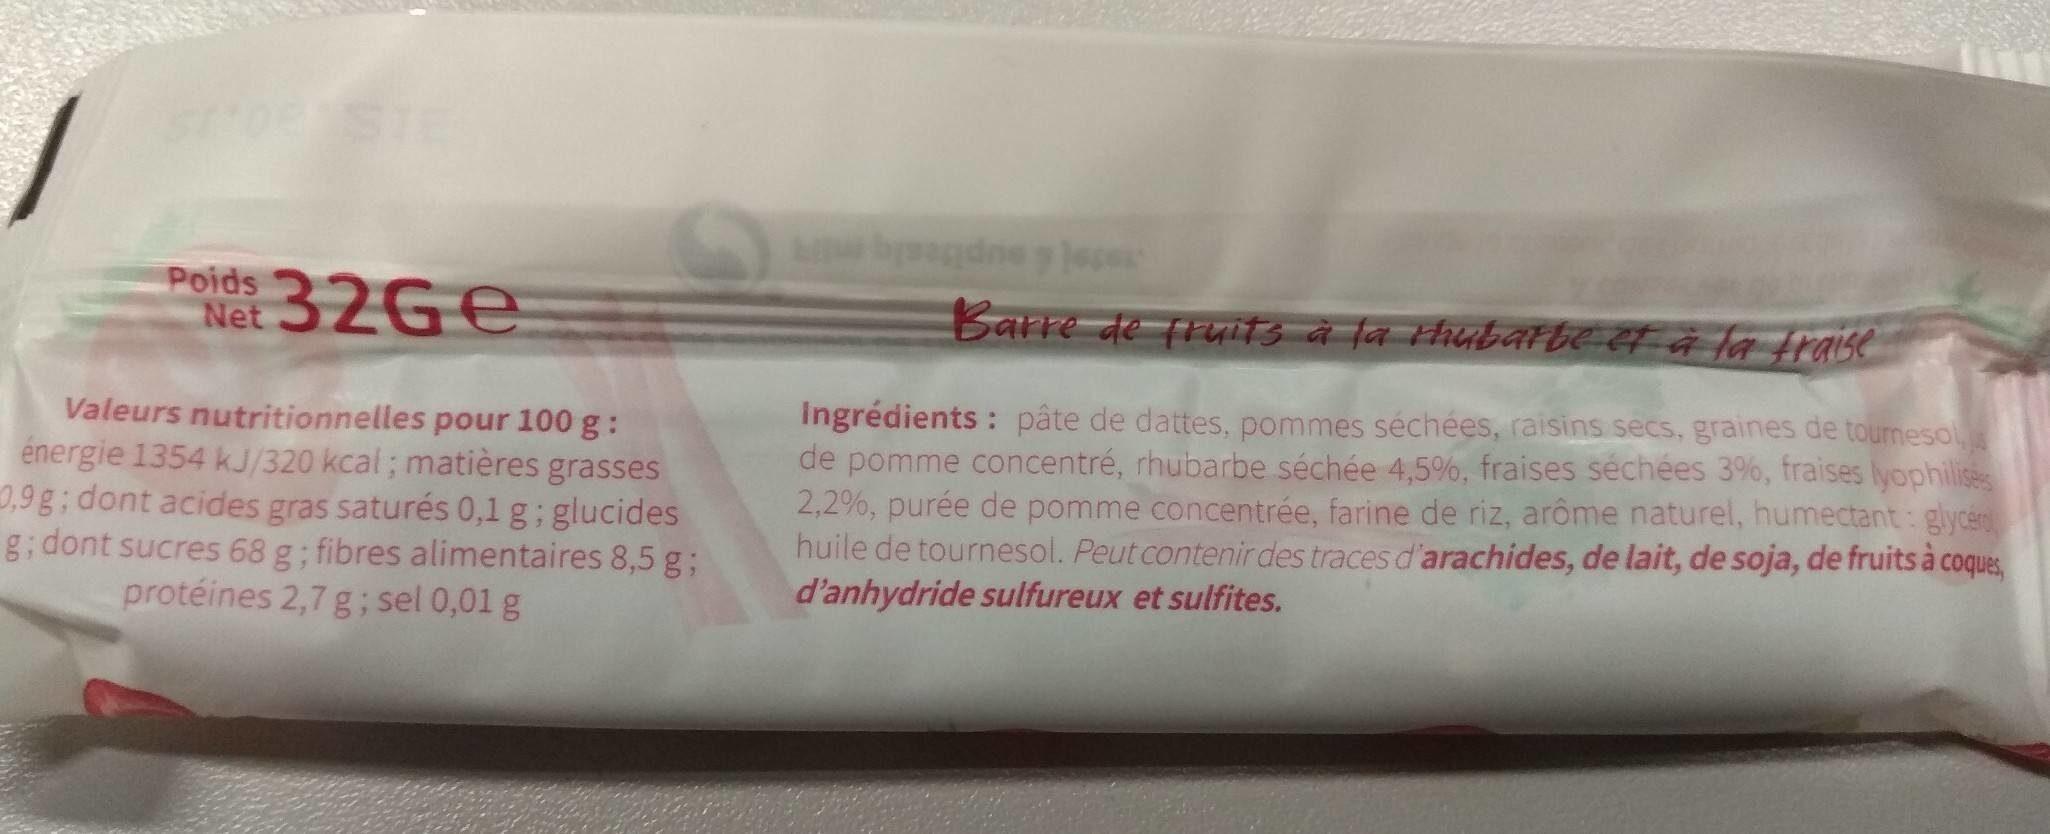 Barre de fruits rhubarbe et fraise - Nutrition facts - fr